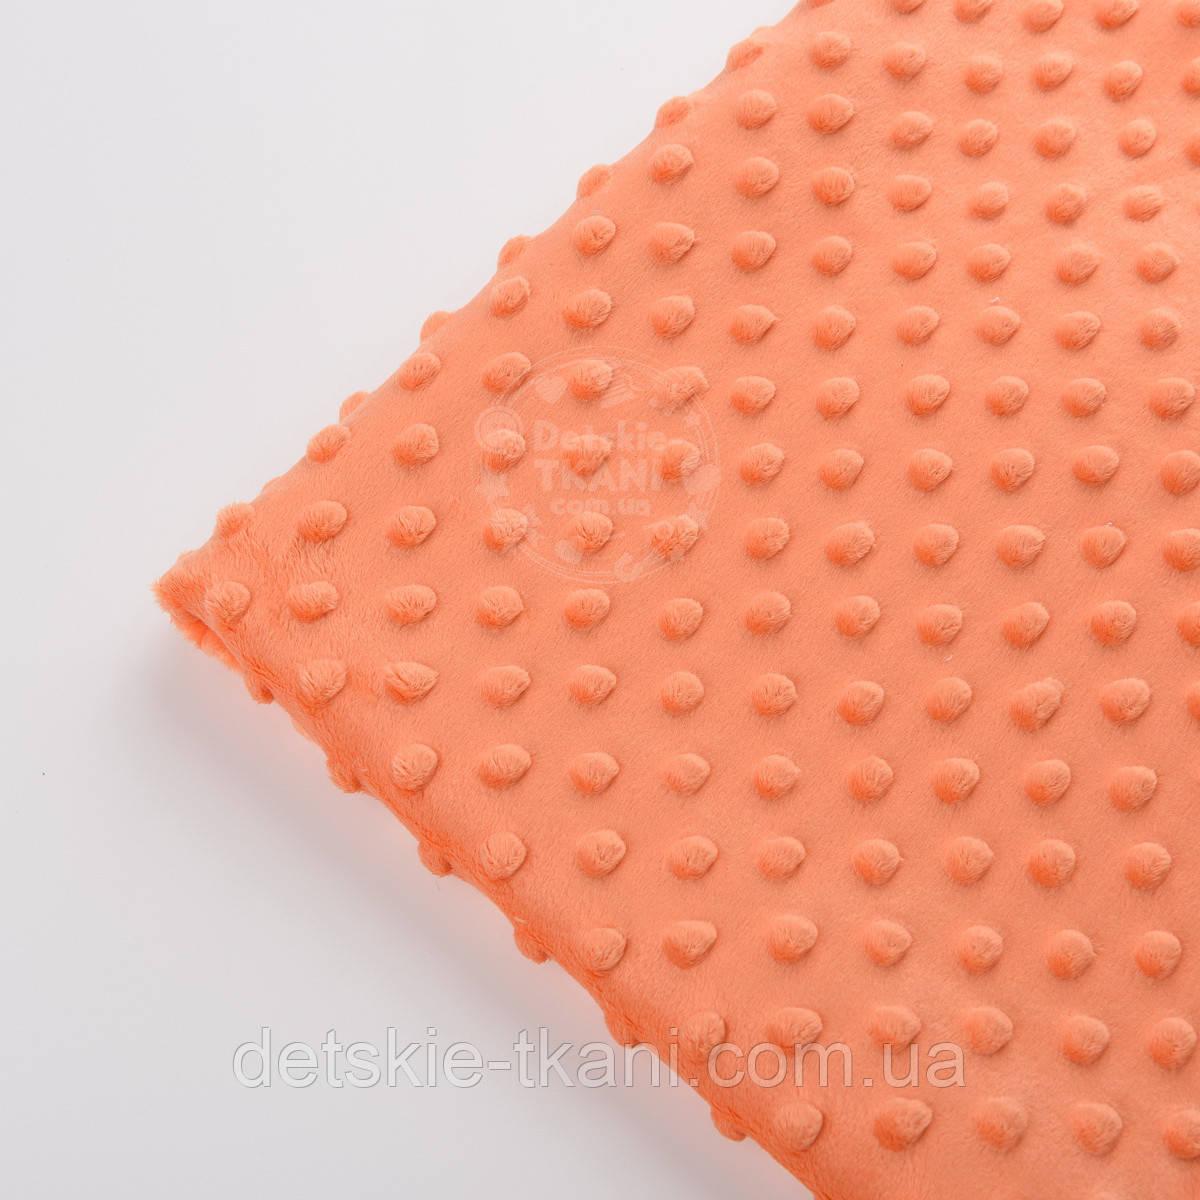 Отрез плюша минки М-32 для пледа, морковный цвет, 100*80 см